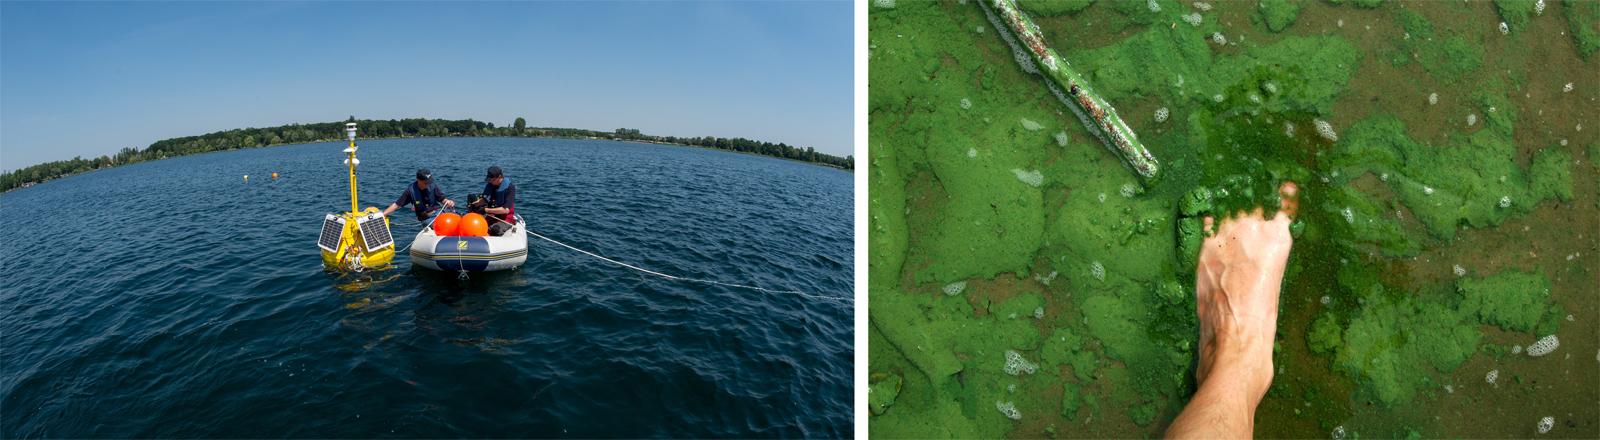 Messboje auf dem Barleber See (linke Seite) – Fuß in Blaualgen (rechte Seite)